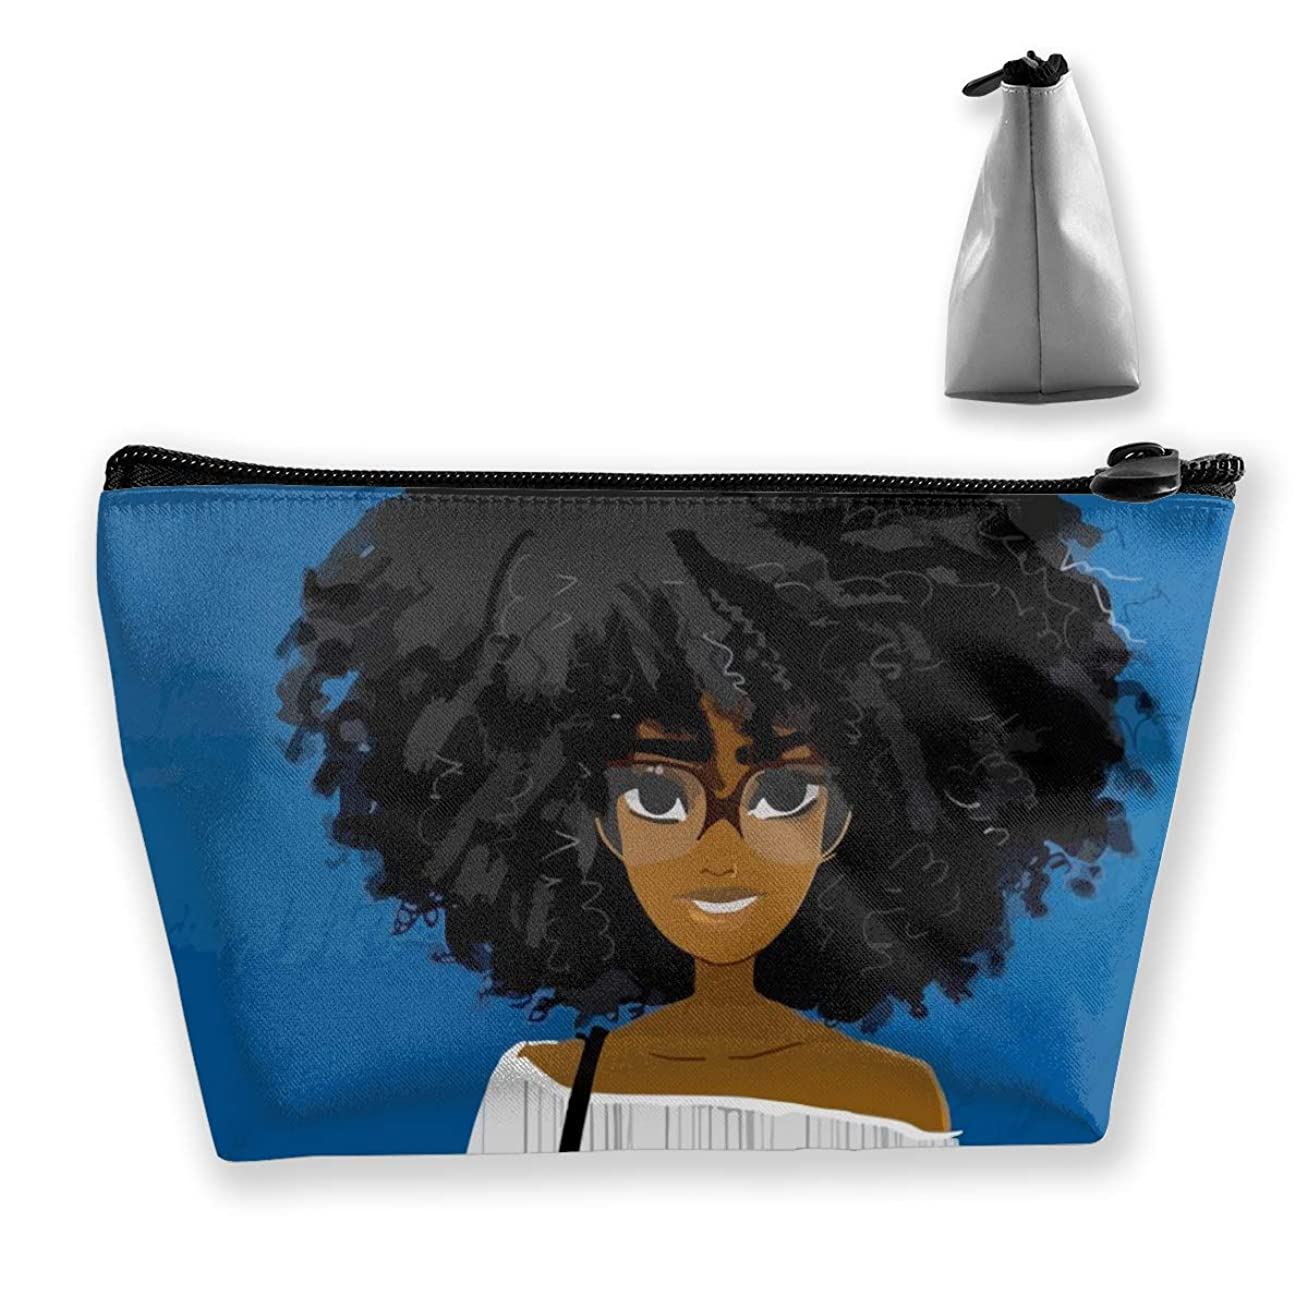 品揃え感動するテクトニックSzsgqkj かわいいアフリカの女の子アフロ髪メガネ青色の背景色 化粧品袋の携帯用旅行構造の袋の洗面用品の主催者